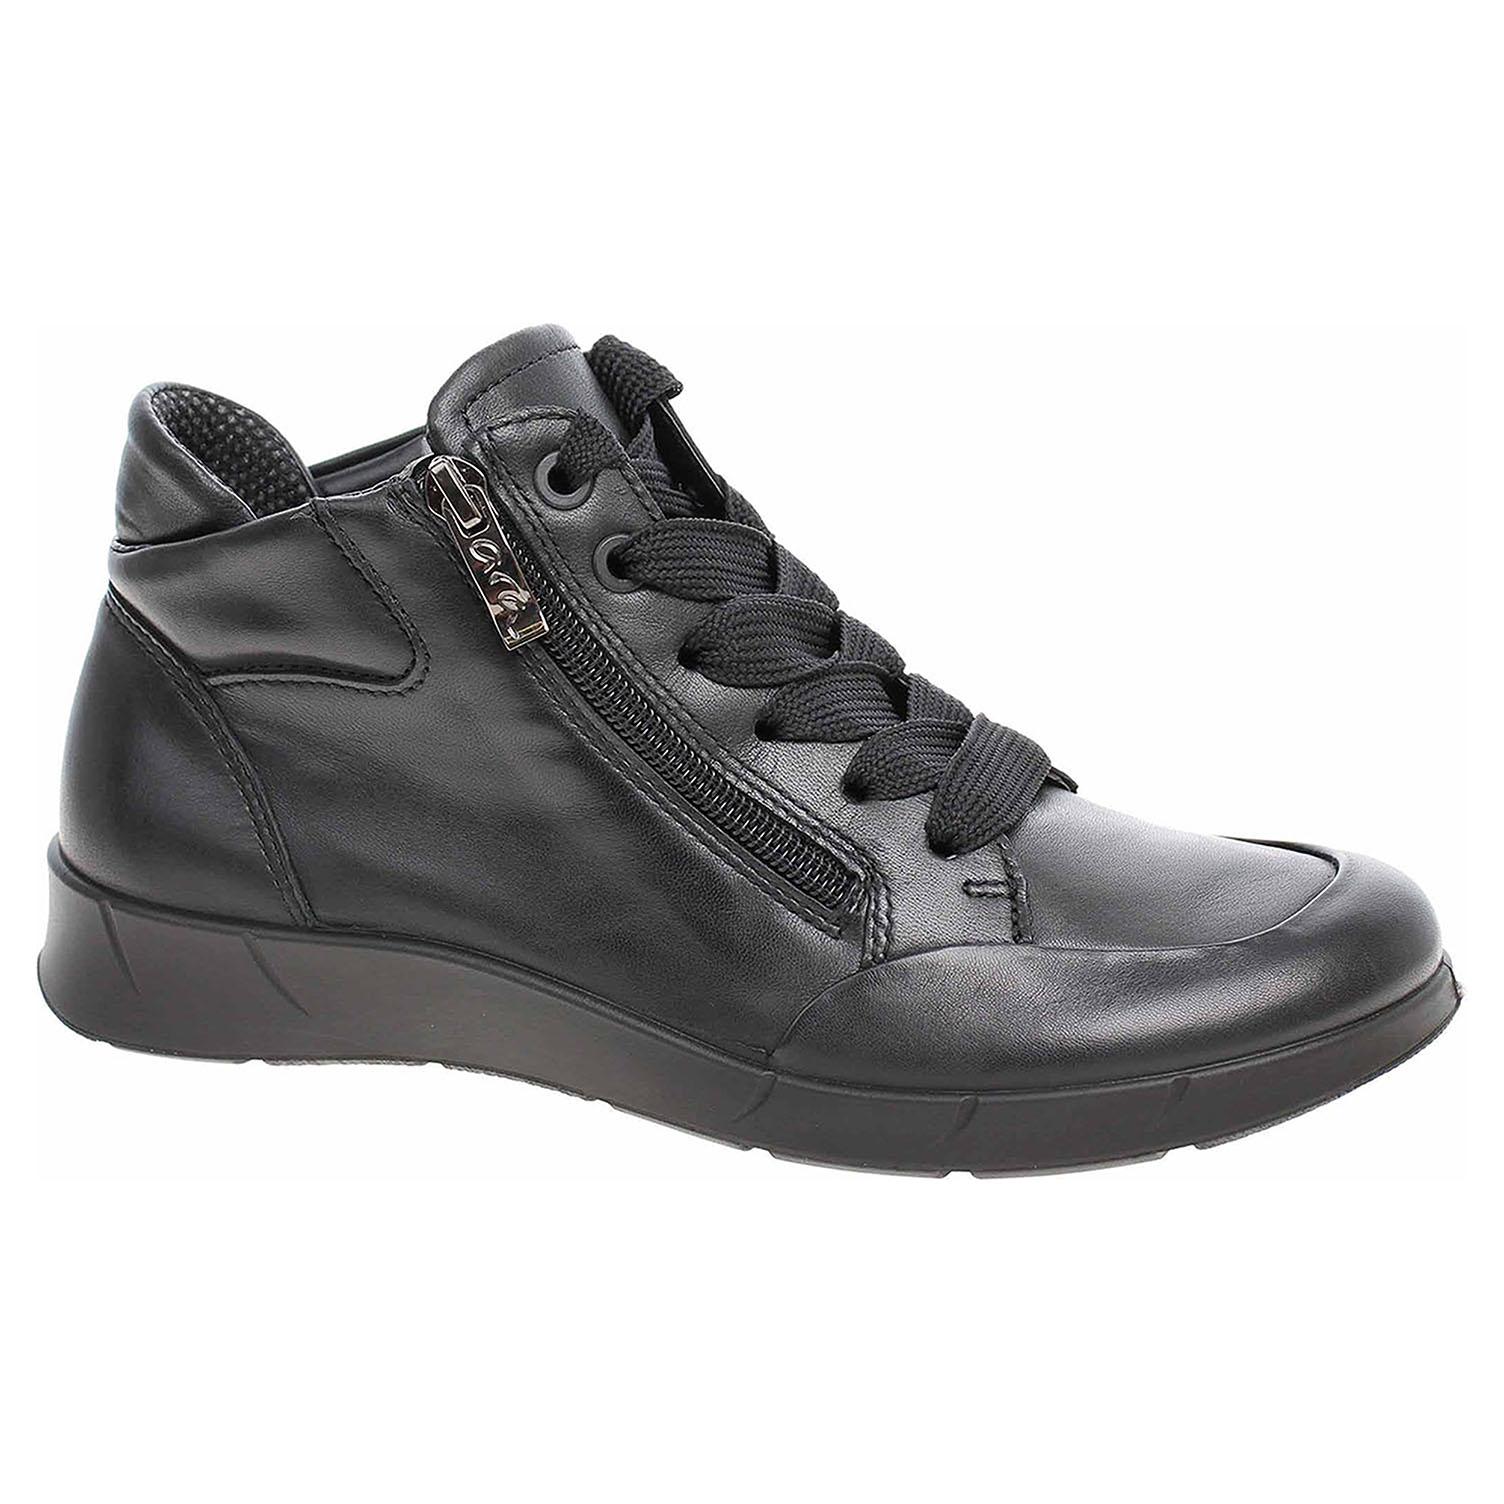 f4ccf399f3a8f Dámska členkové topánky Ara 12-49803-01 schwarz   REJNOK obuv